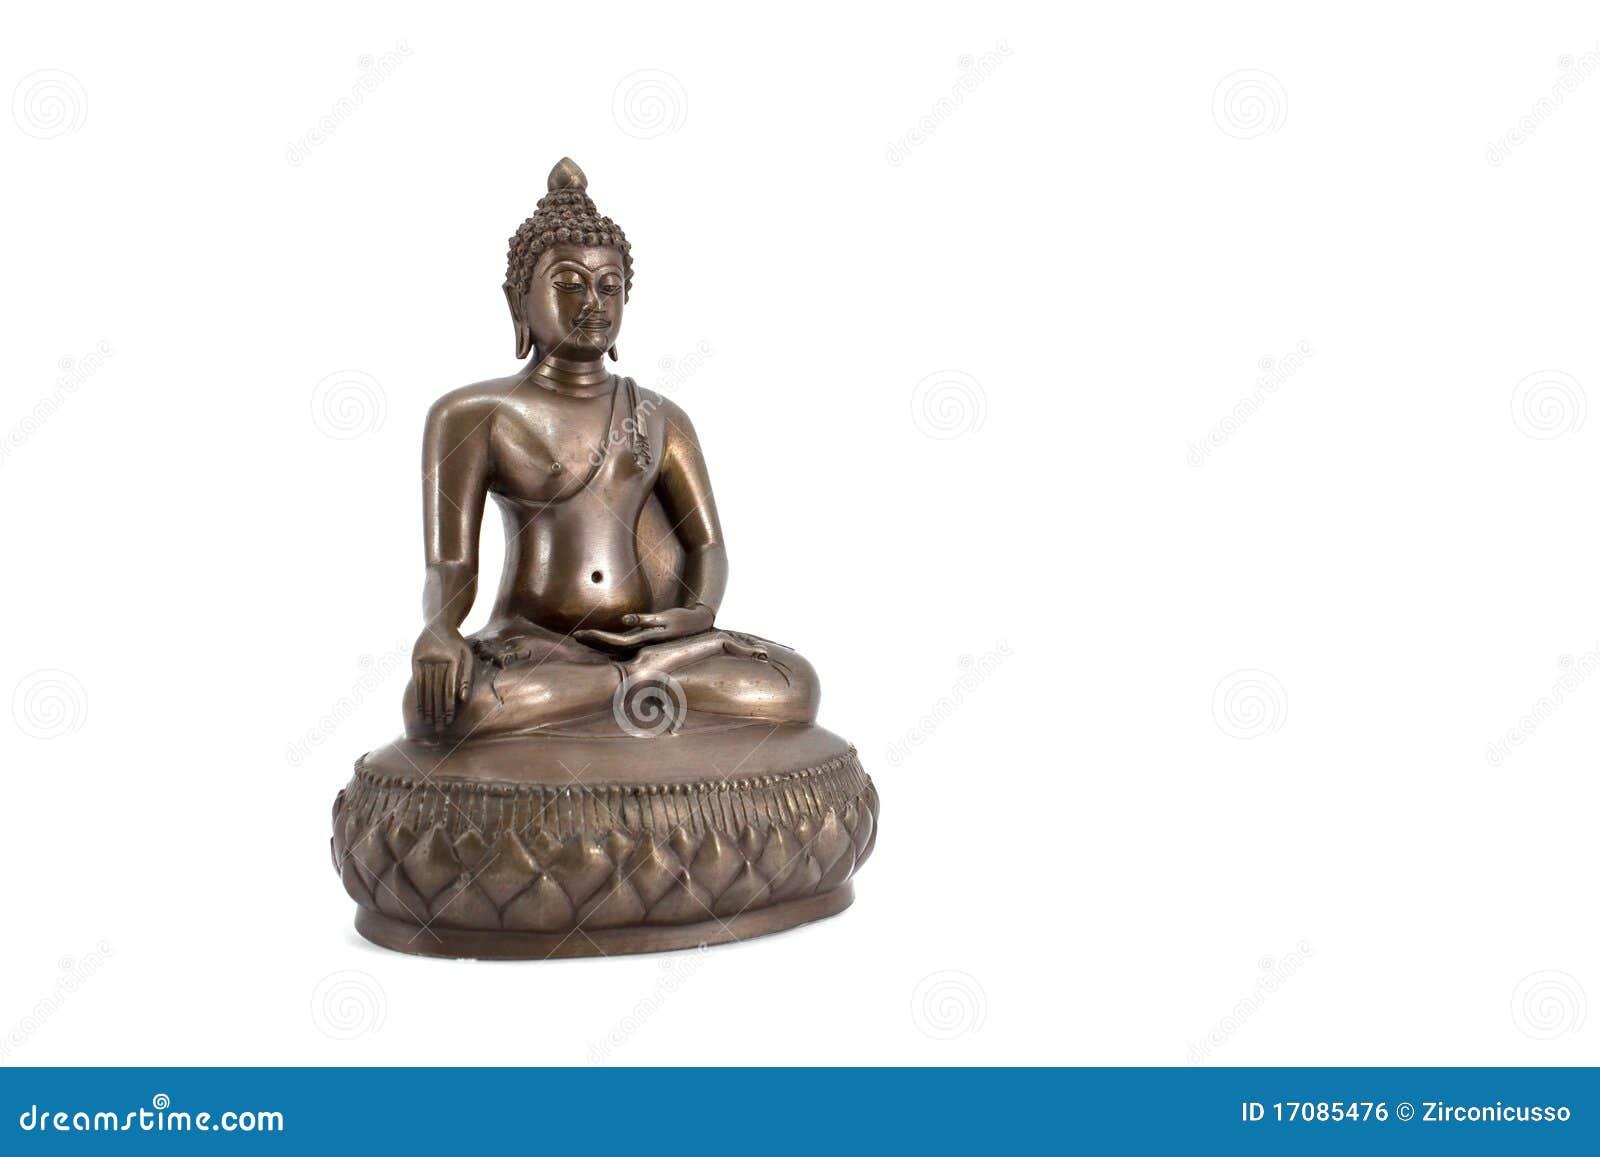 Buddha lord